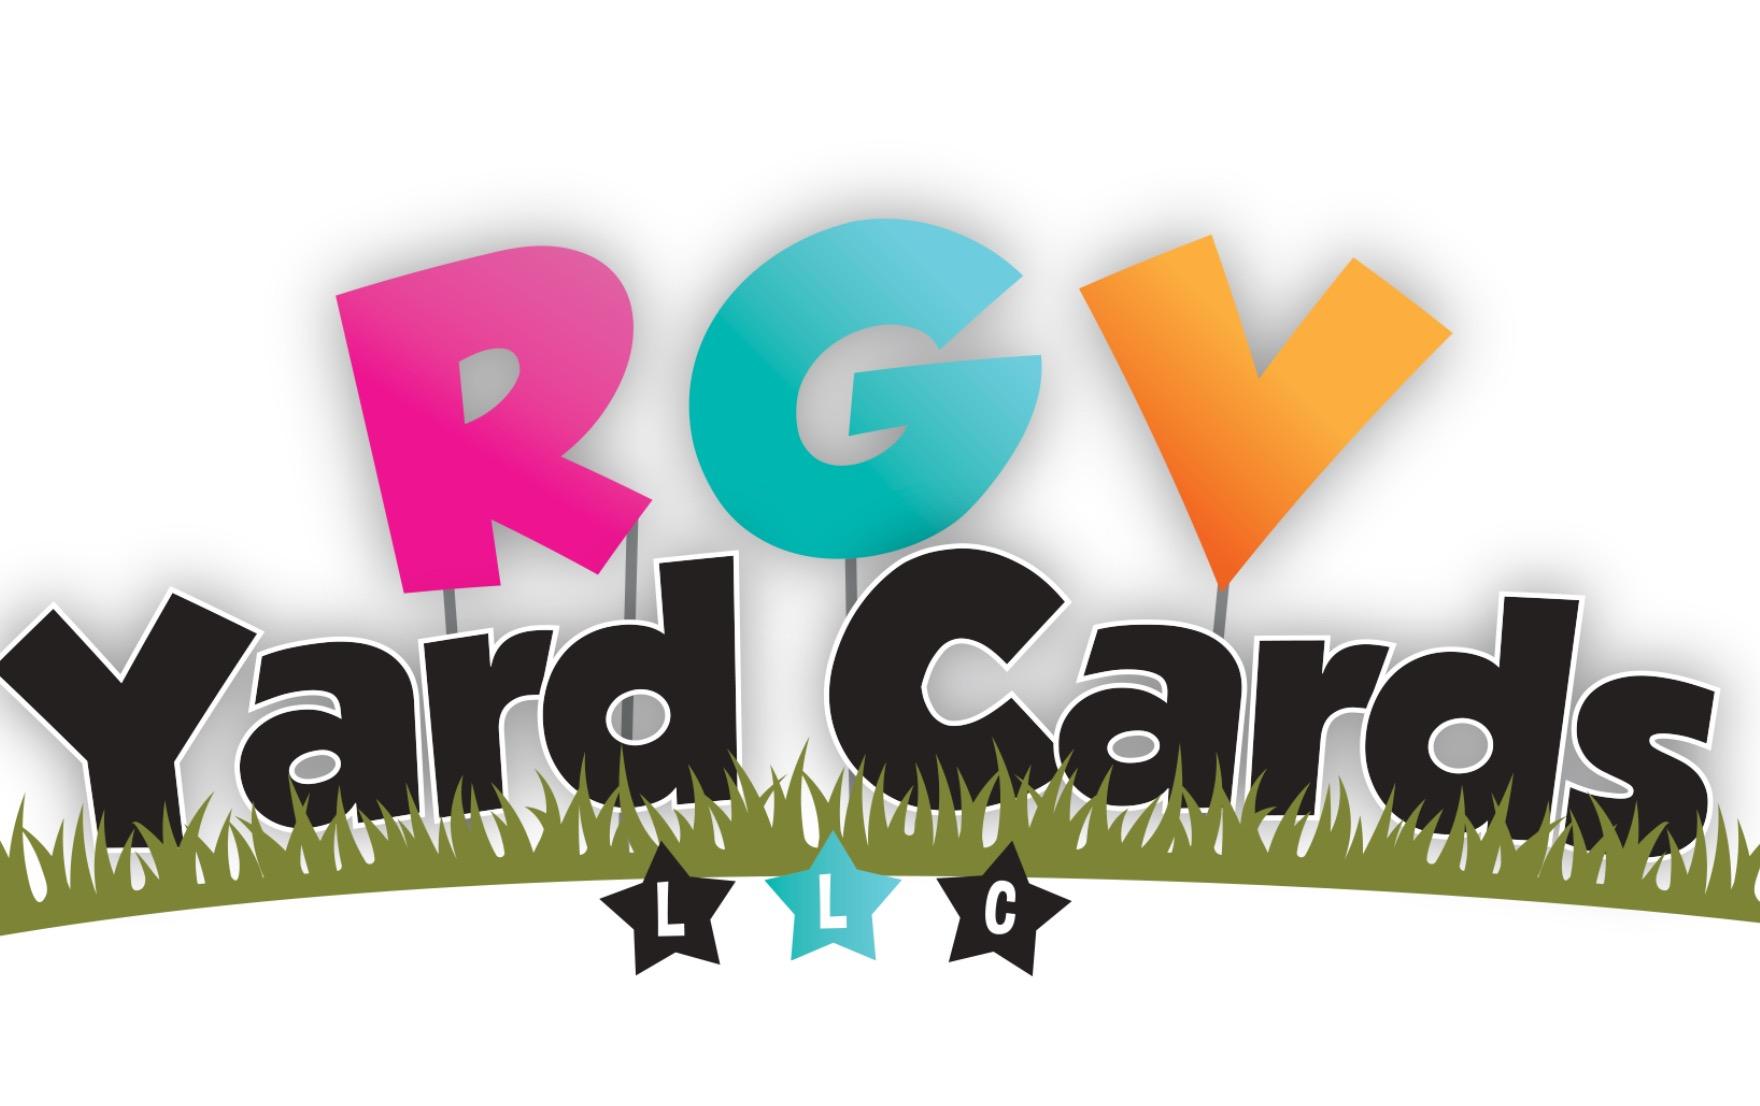 RGV Yard Cards L.L.C.